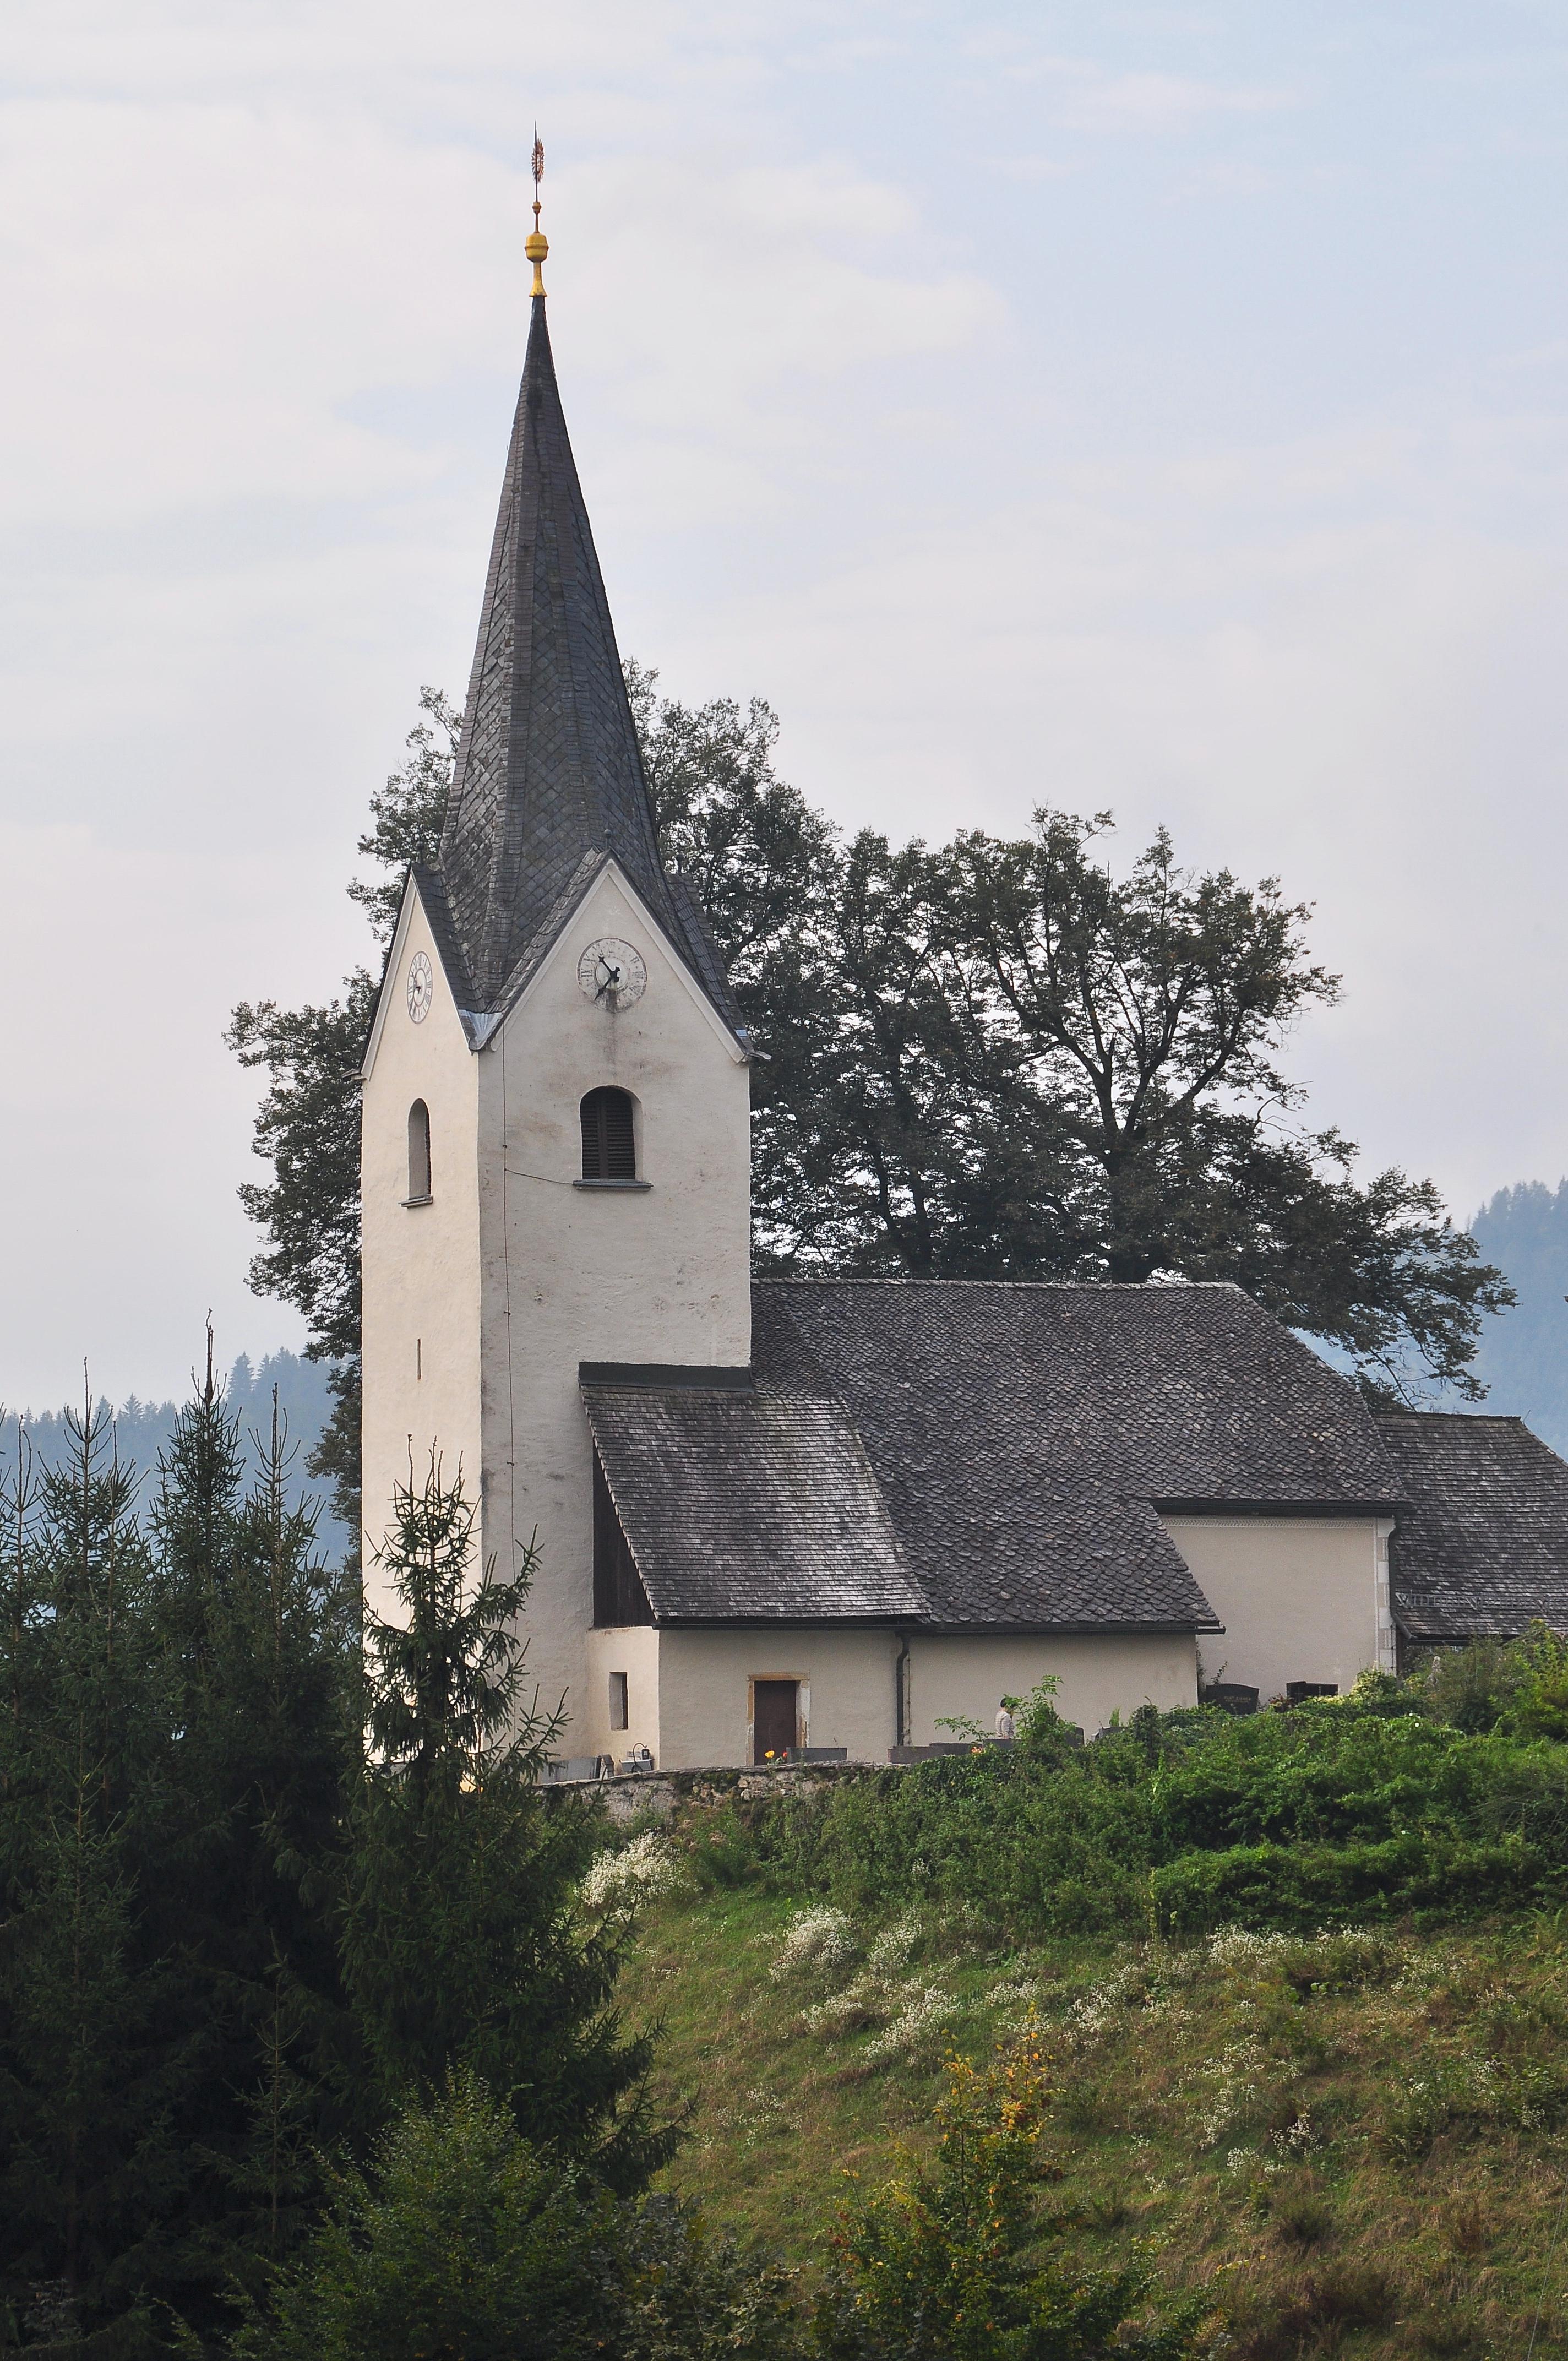 Datei:Klagenfurt Wlfnitz Pfarrkirche hl Johannes der Tufer